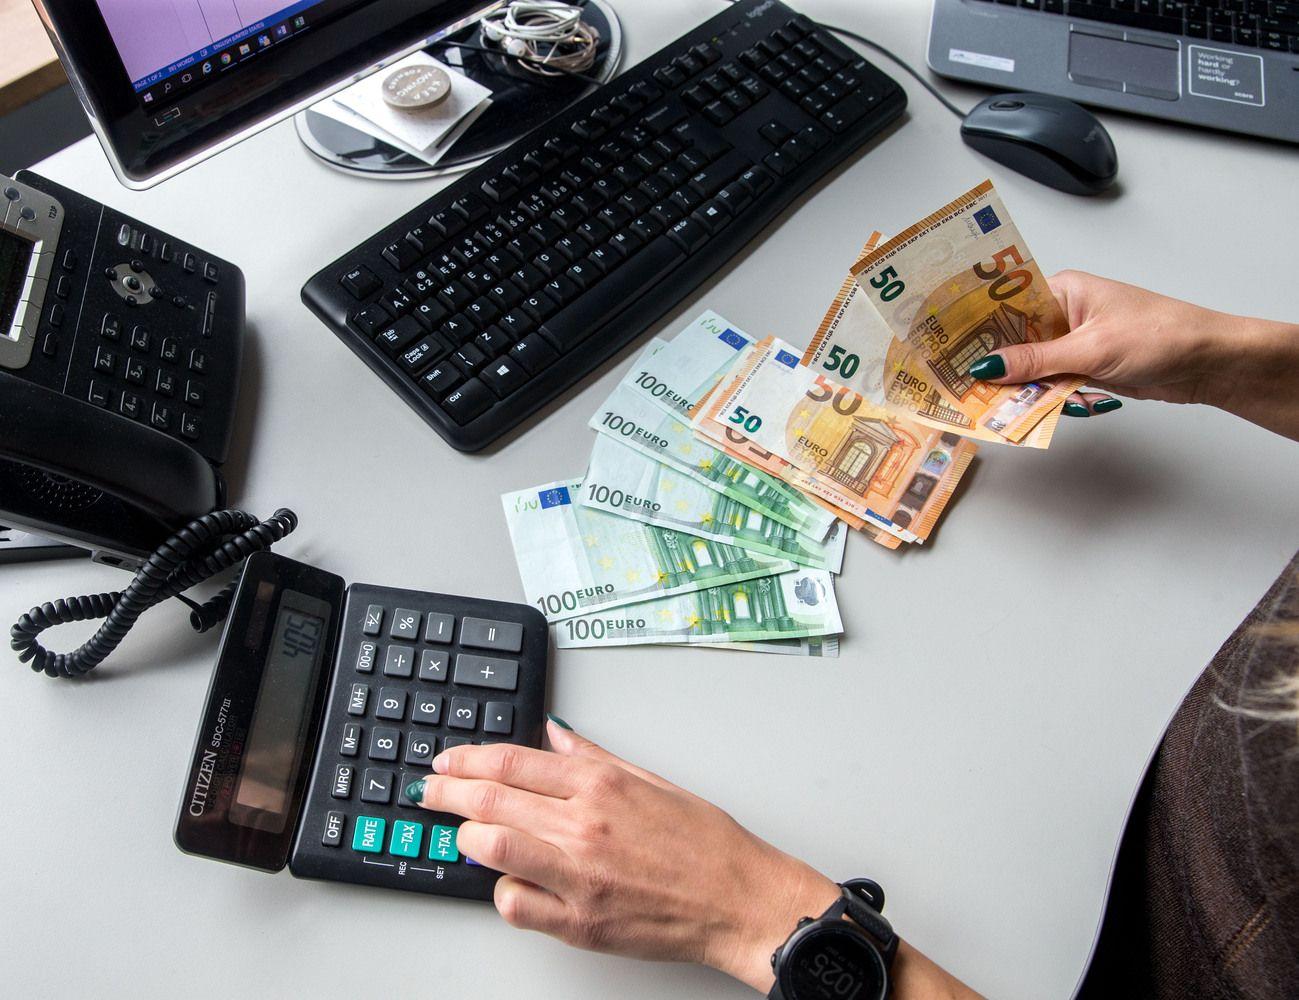 Tarpusavio skolinimosi platformose galės dalyvauti ir bendrovės